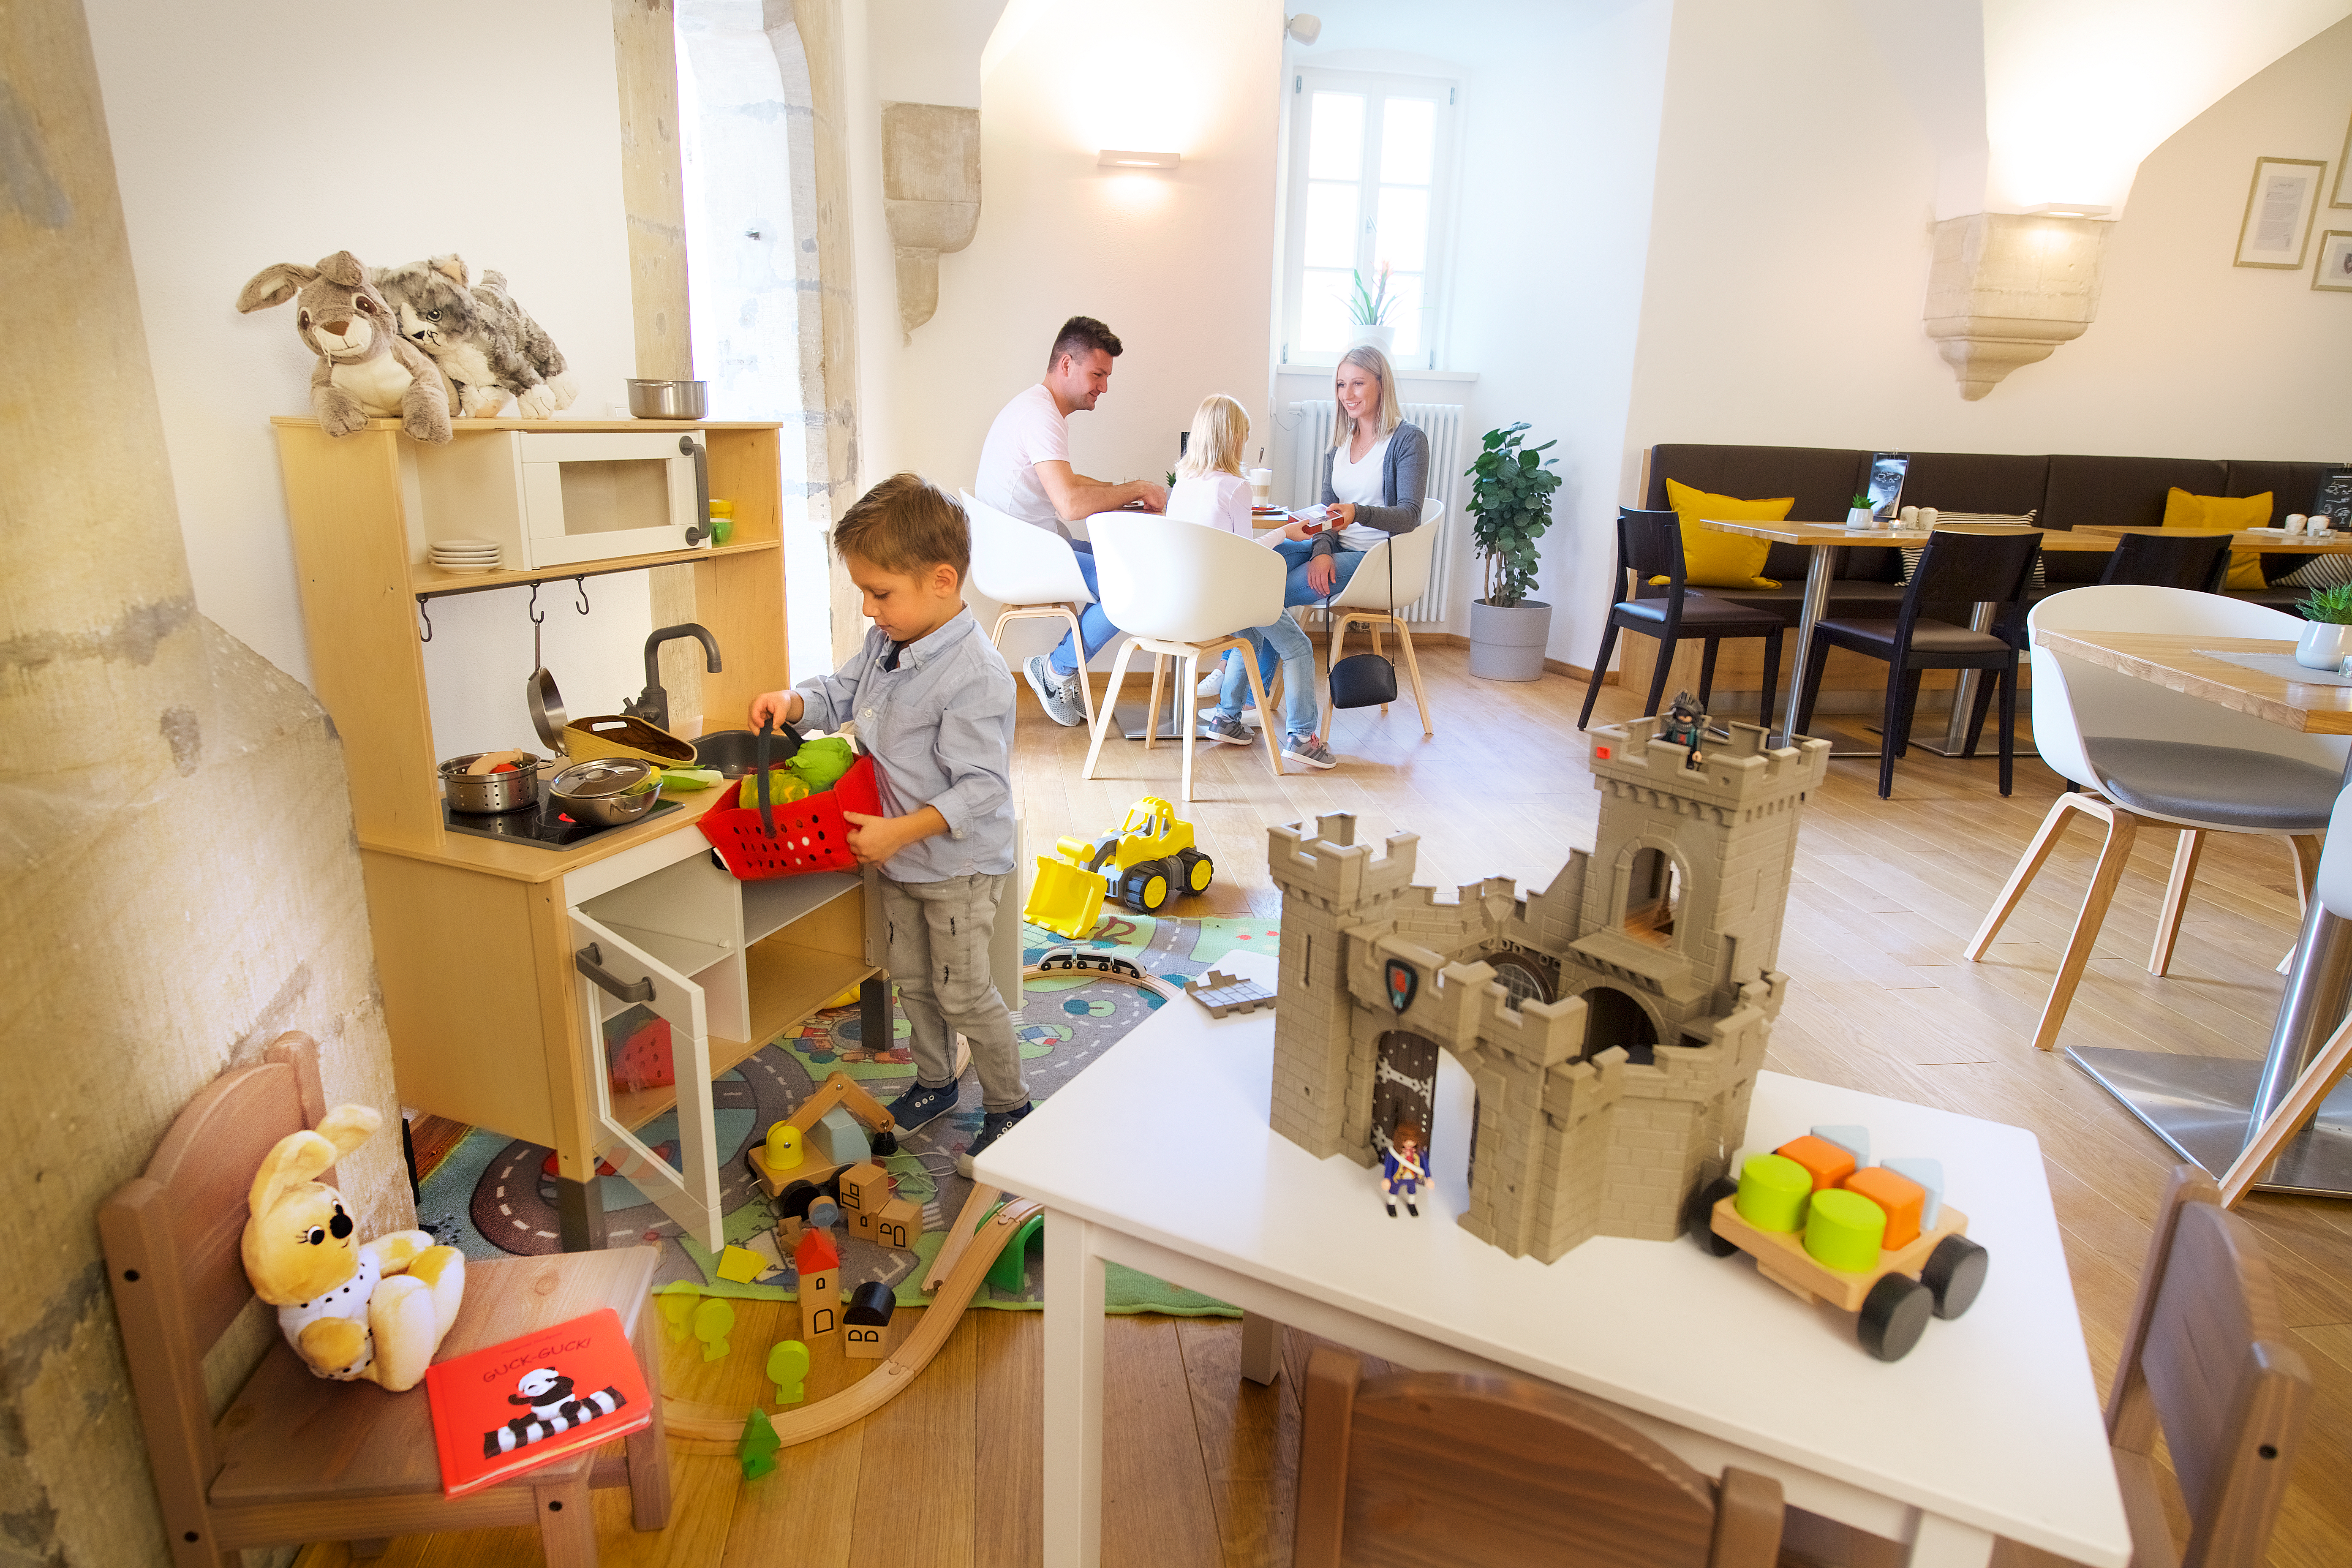 iSie sehen den Spielbereich mit Spielzeugburg im JUFA Hotel Kronach – Festung Rosenberg***. Der Ort für kinderfreundlichen und erlebnisreichen Urlaub für die ganze Familie.